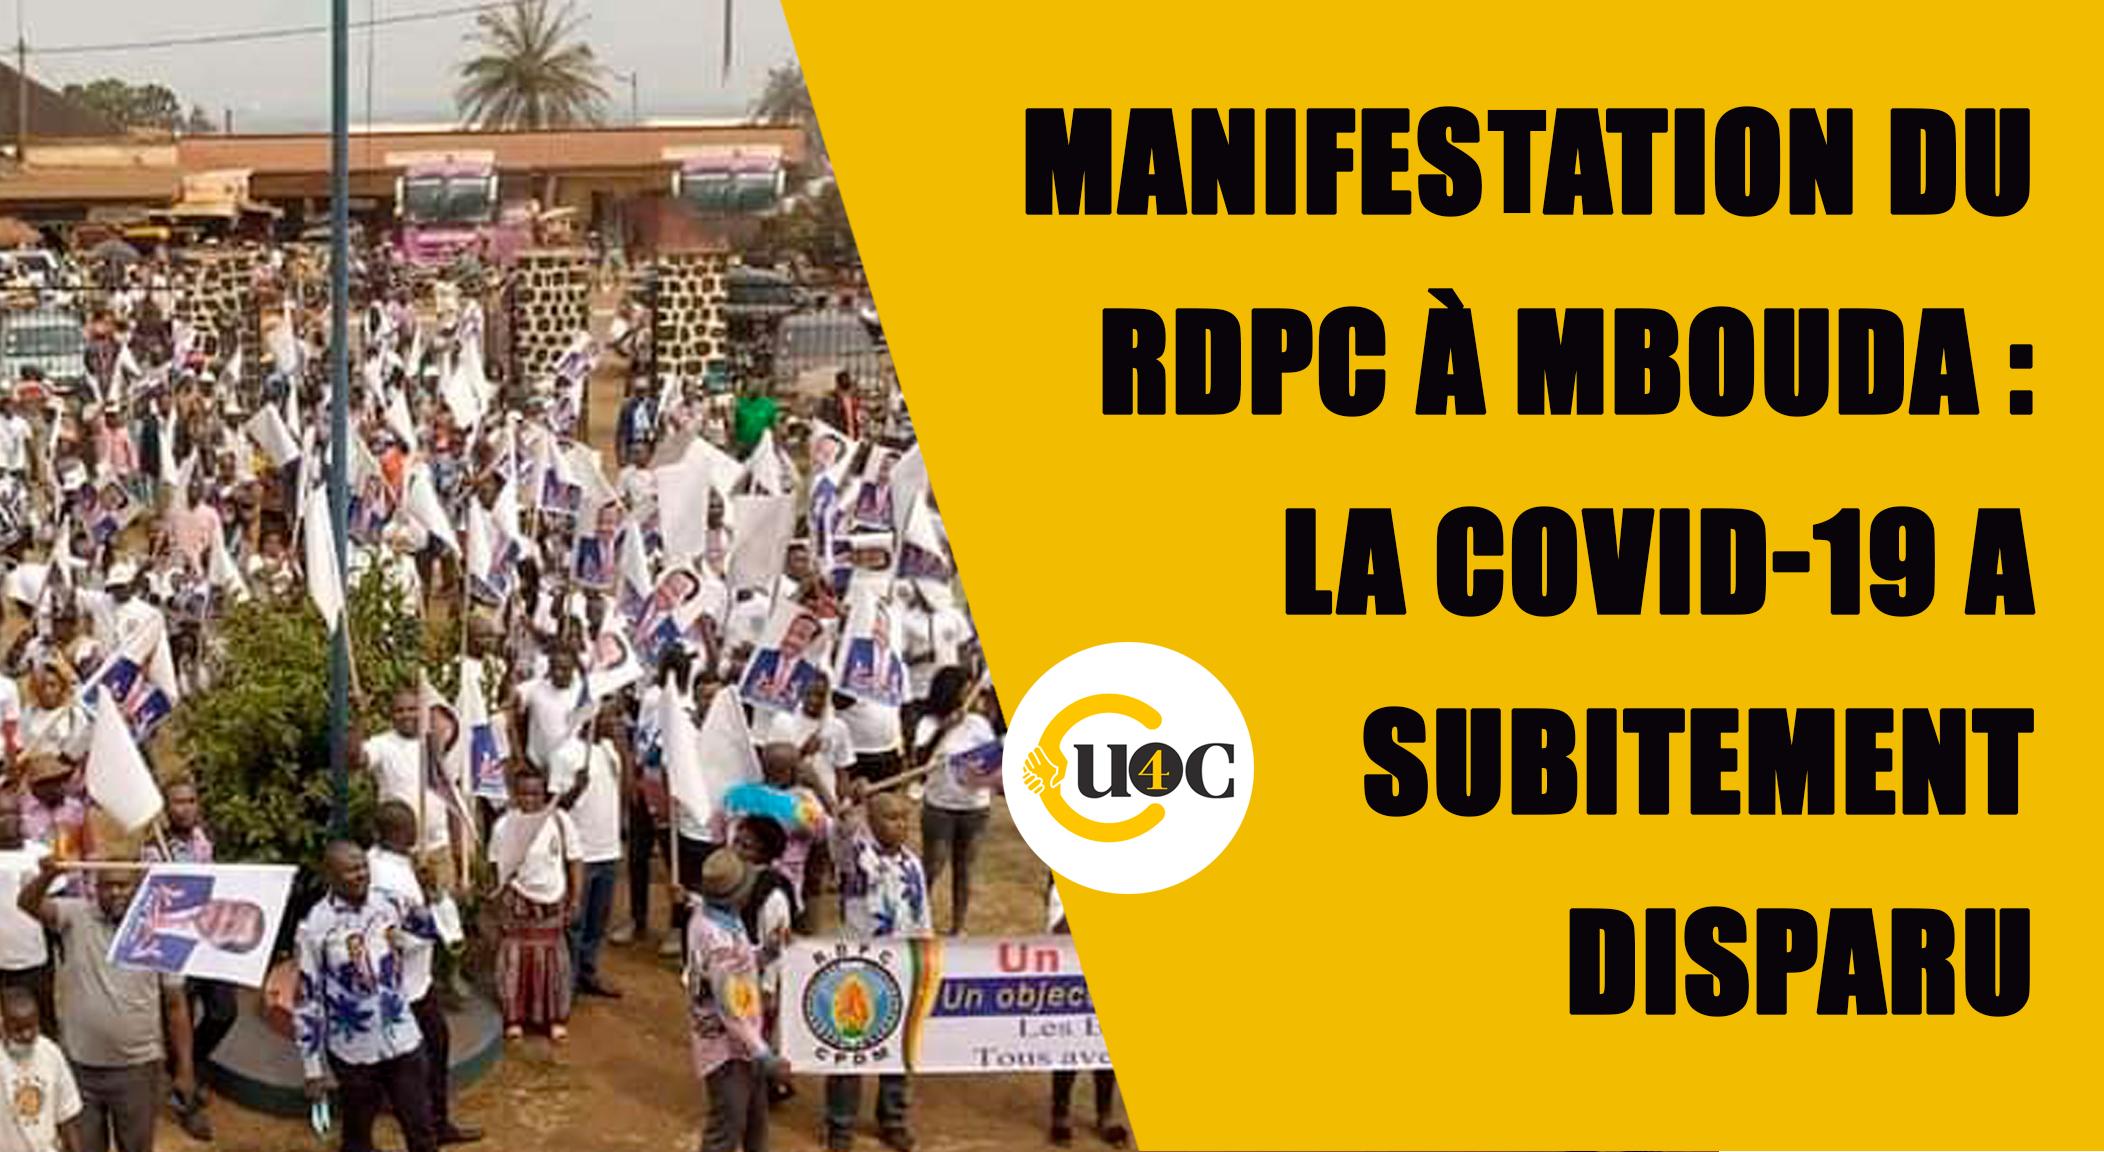 Manifestation du RDPC à Mbouda : la COVID-19 a subitement disparu